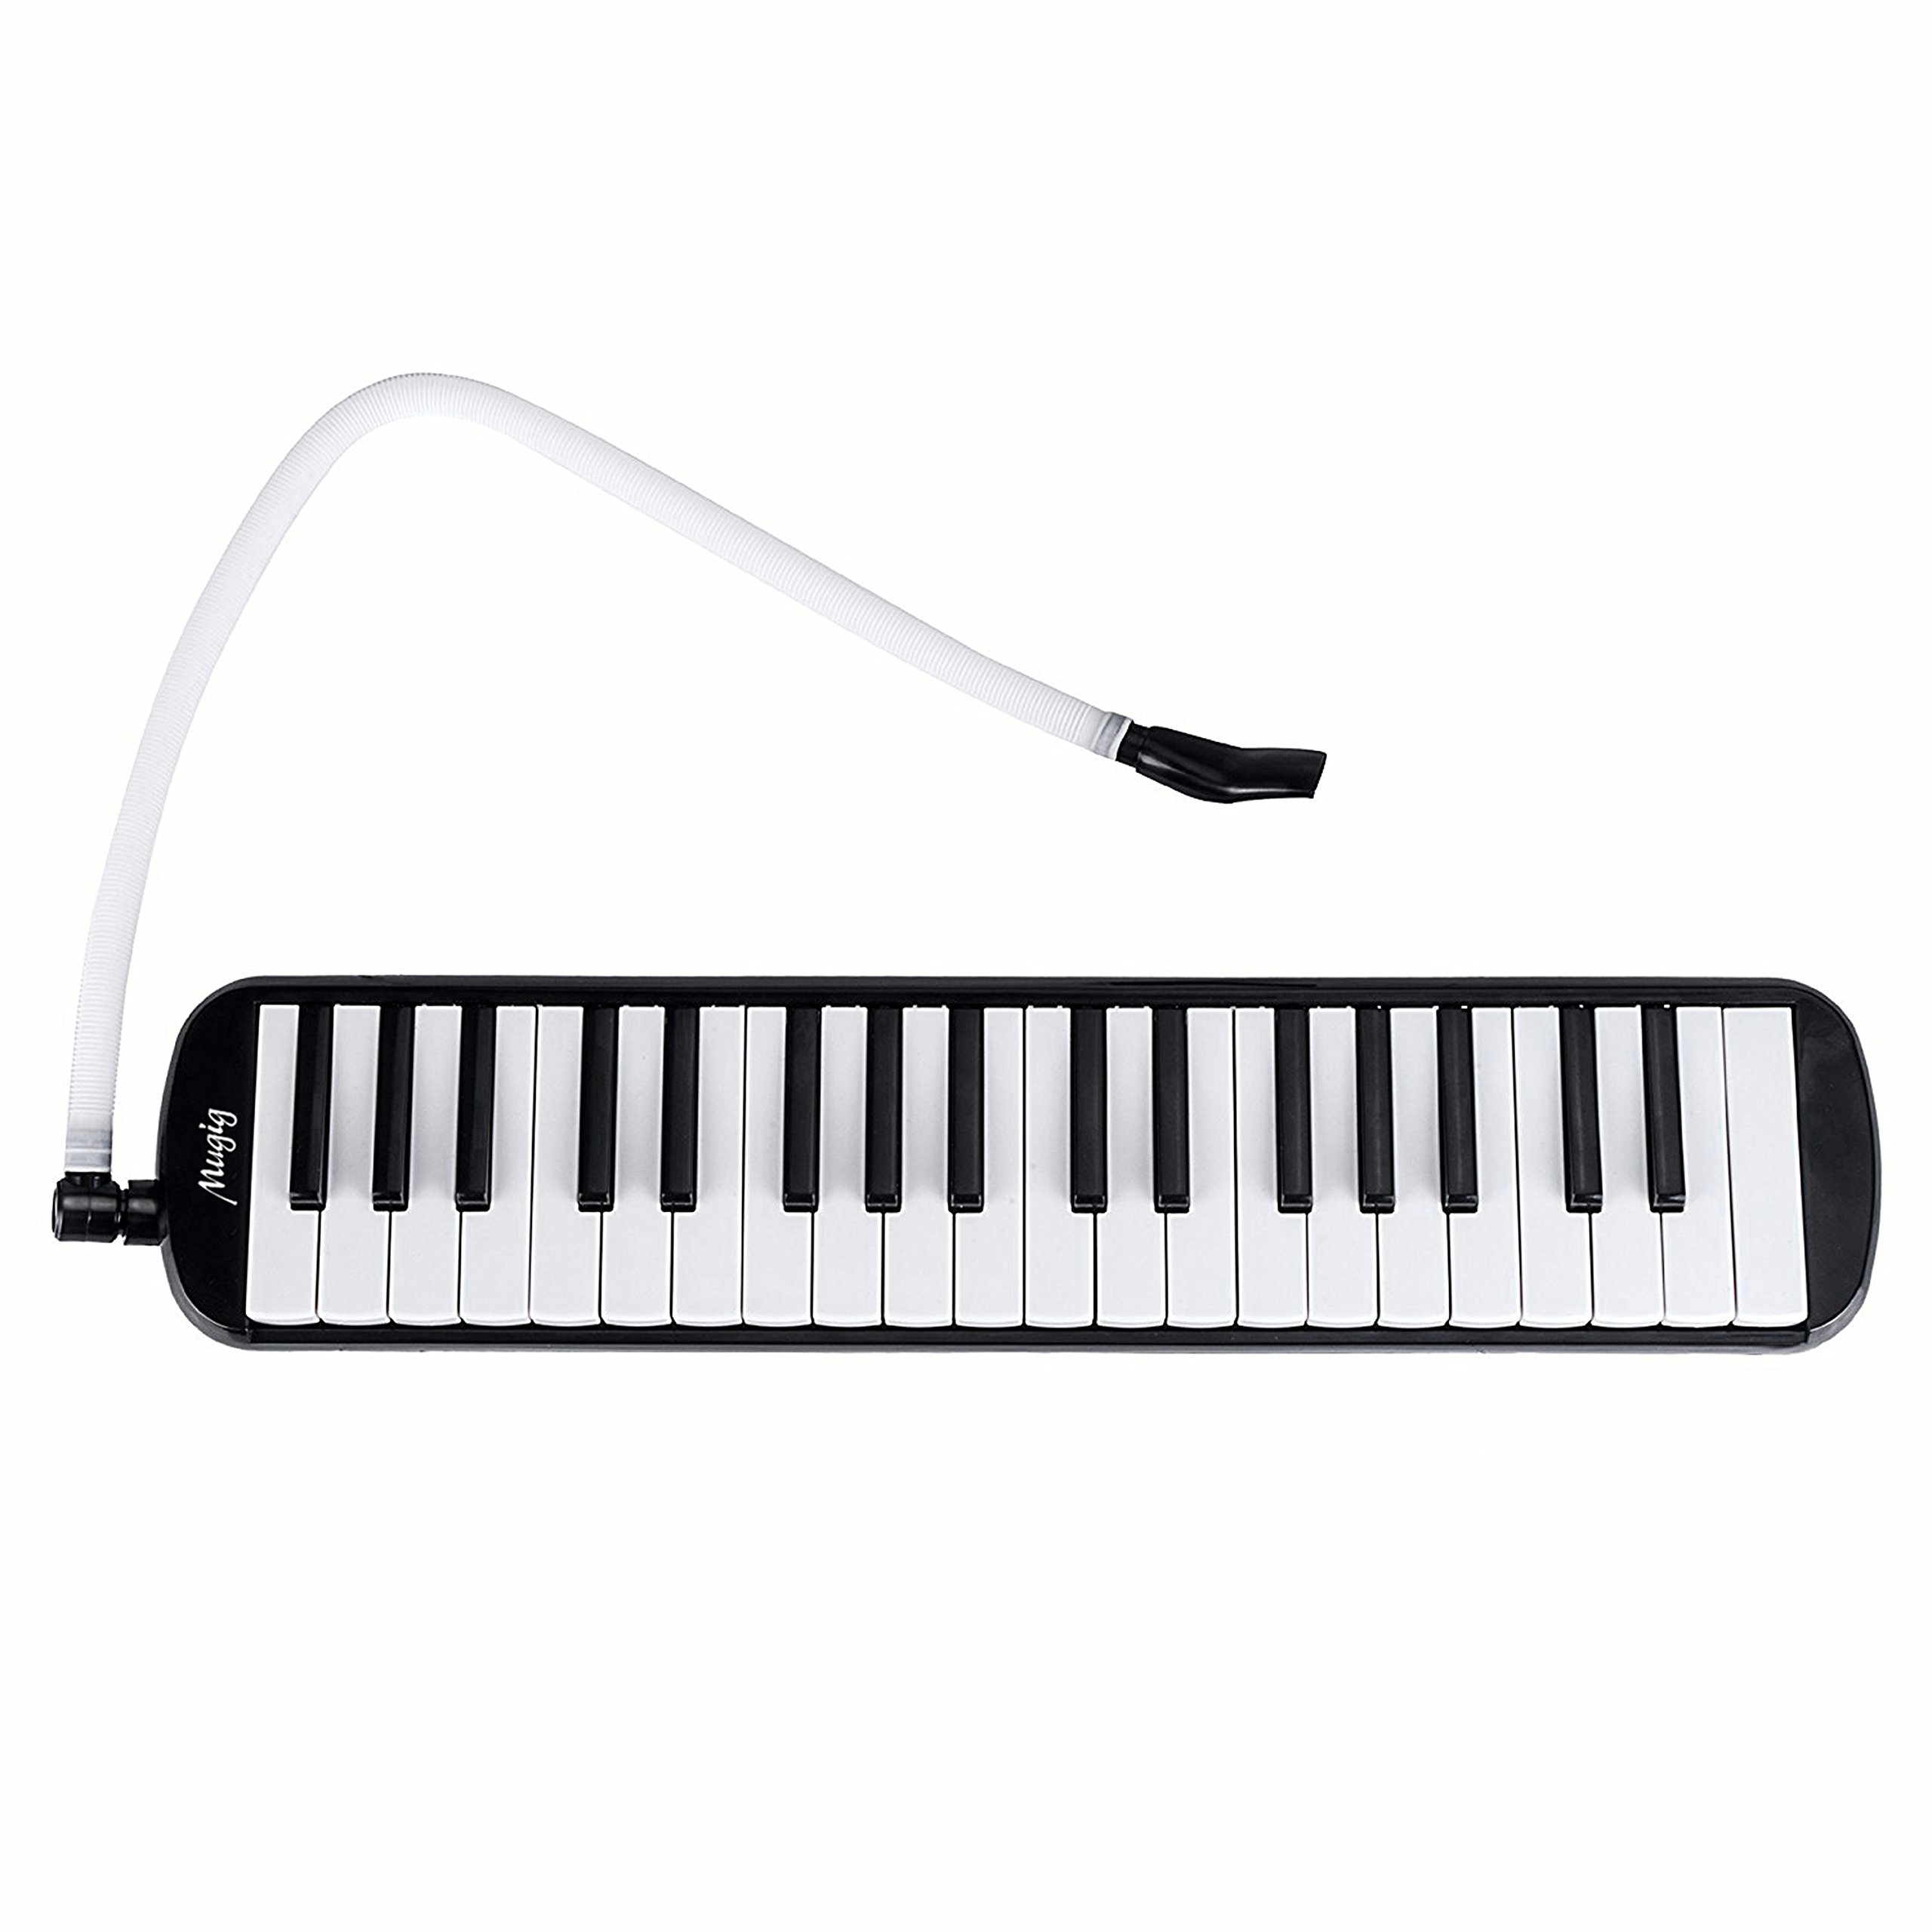 Melodica 37 Tasten Piano Style Melodika aus Bronze Phosphor und ABS für Kinder Spielen im Unterricht und zu Hause mit Anblasschlauch Mundstück Tragetasche Düse sauberes Tuch